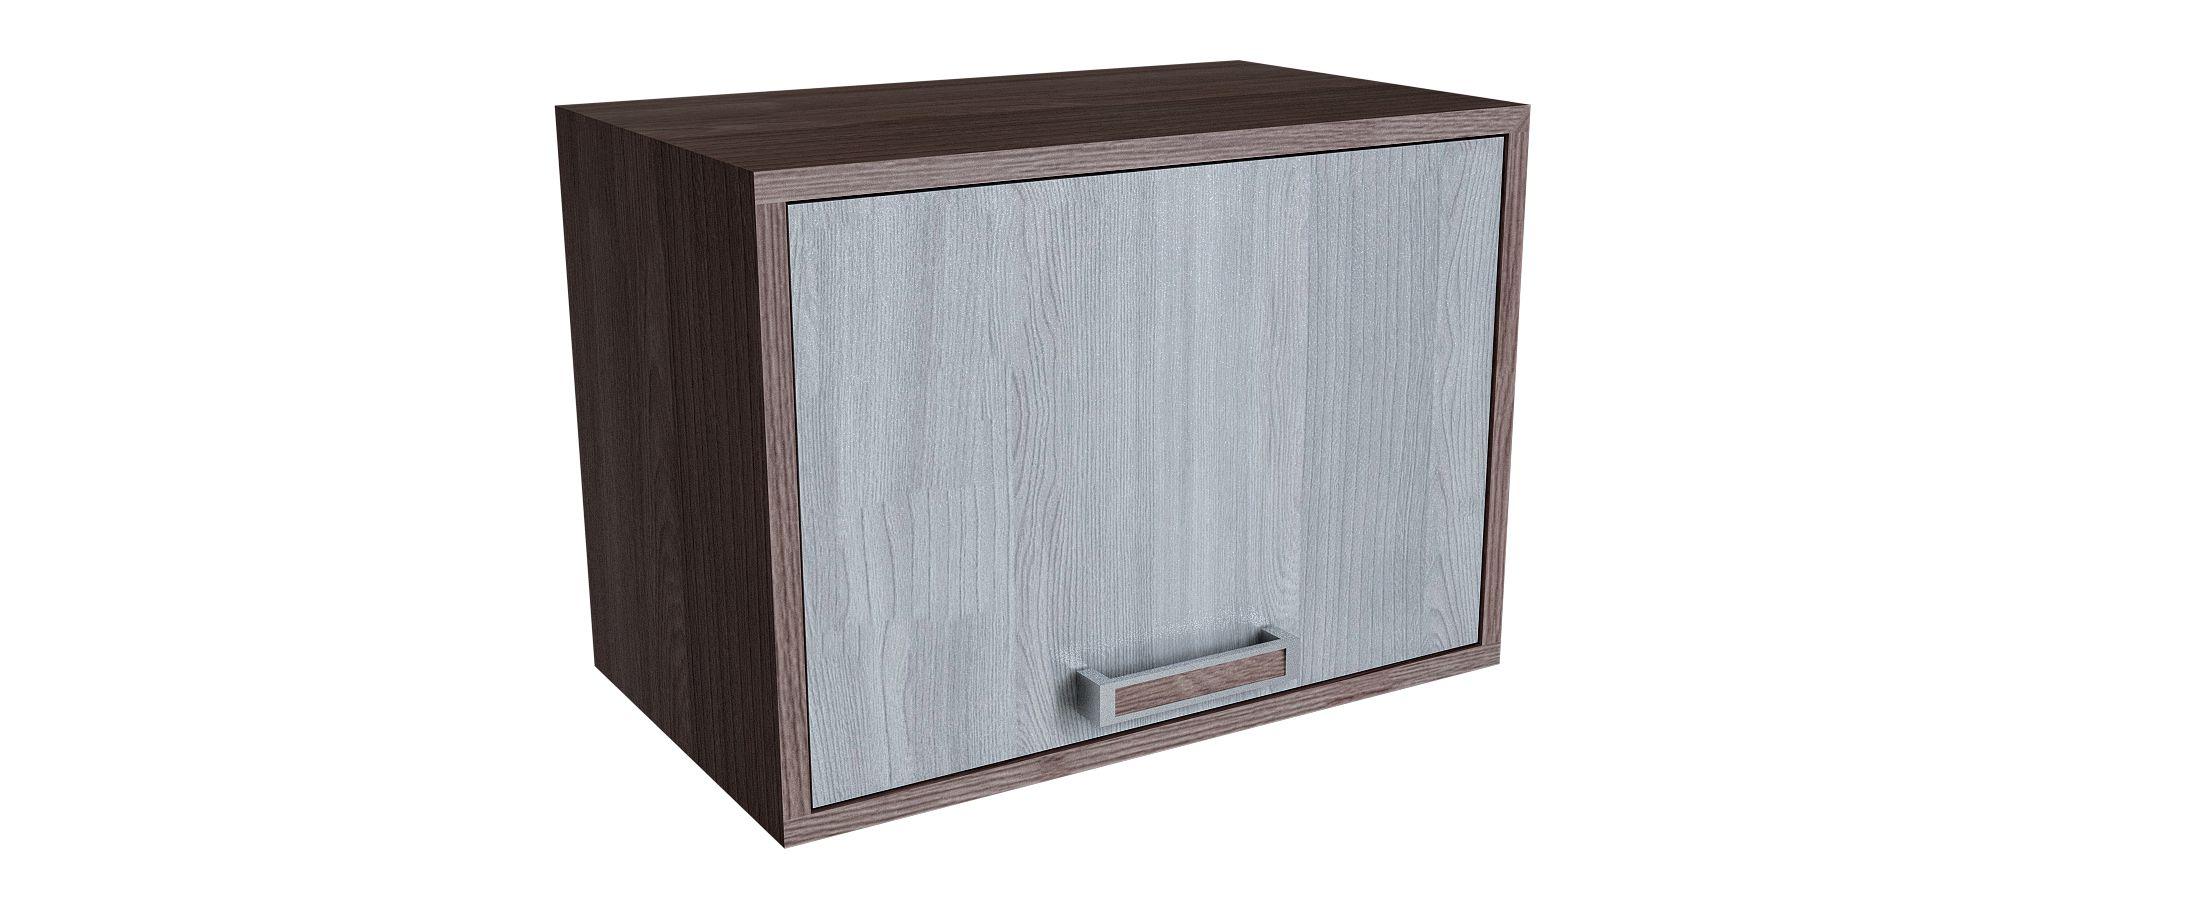 Шкаф навесной Шимо темный Модель 711 от MOON TRADE